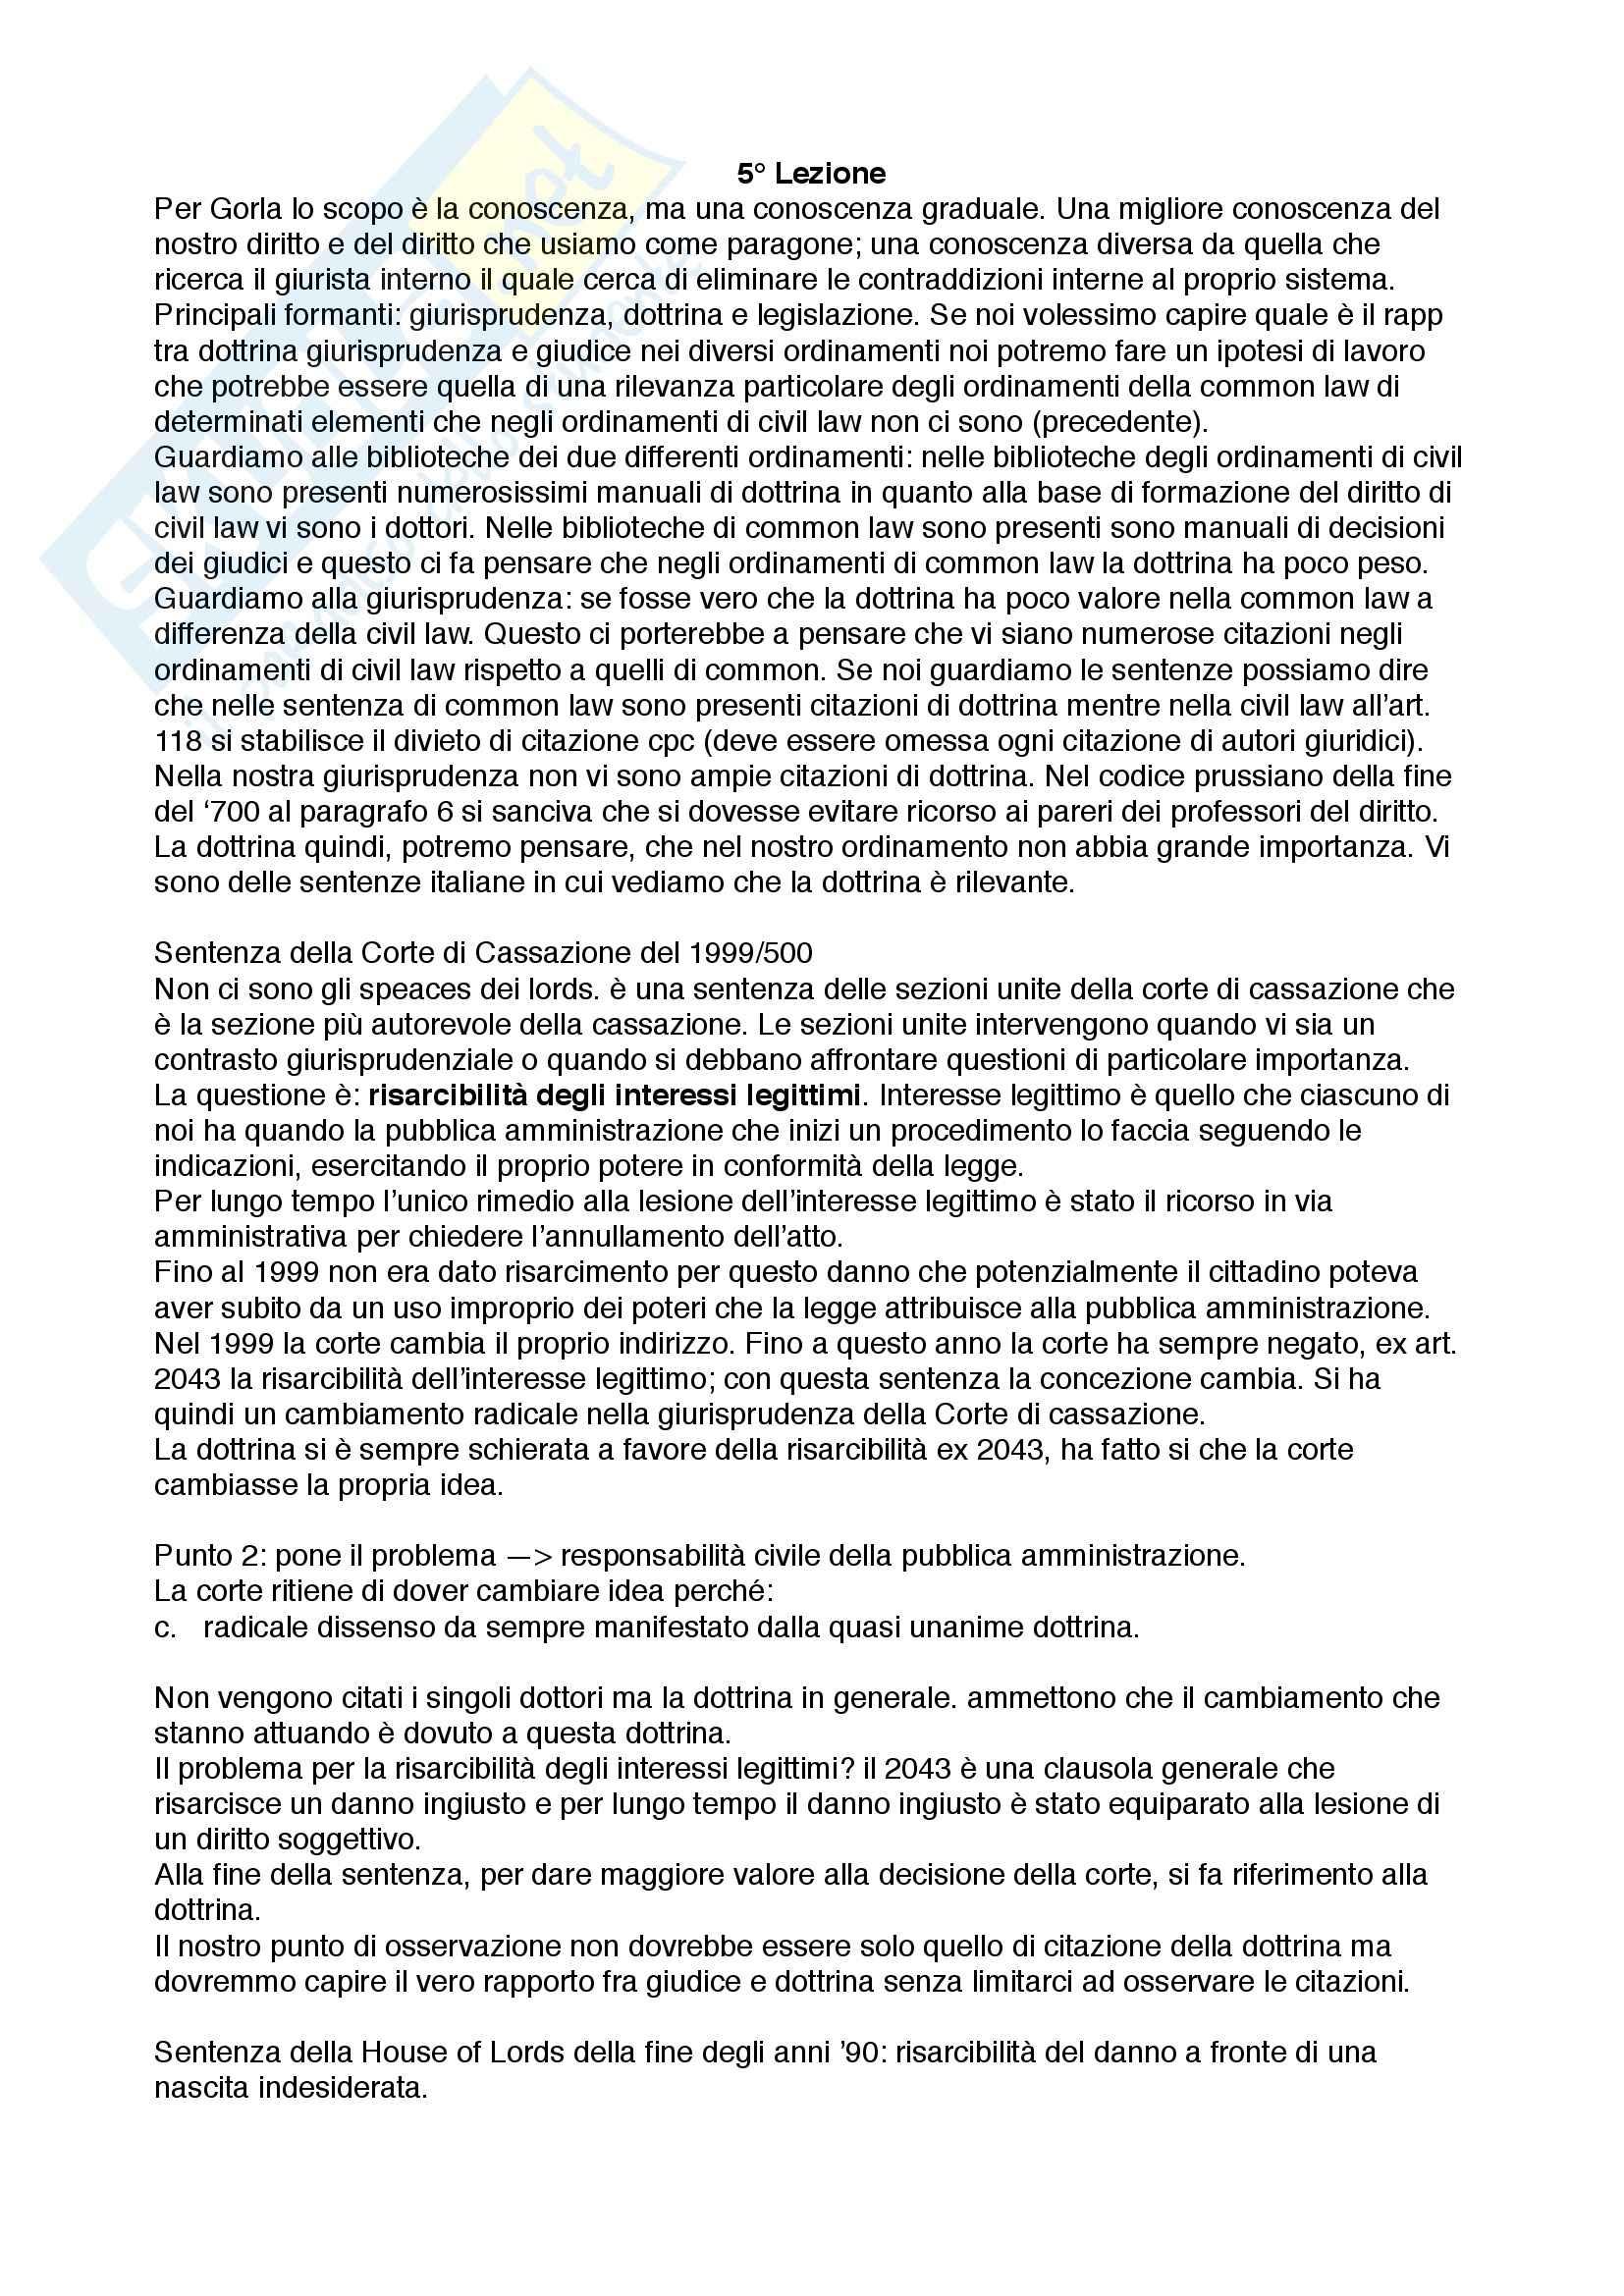 Appunti lezioni di Sistemi giuridici comparati Pag. 11